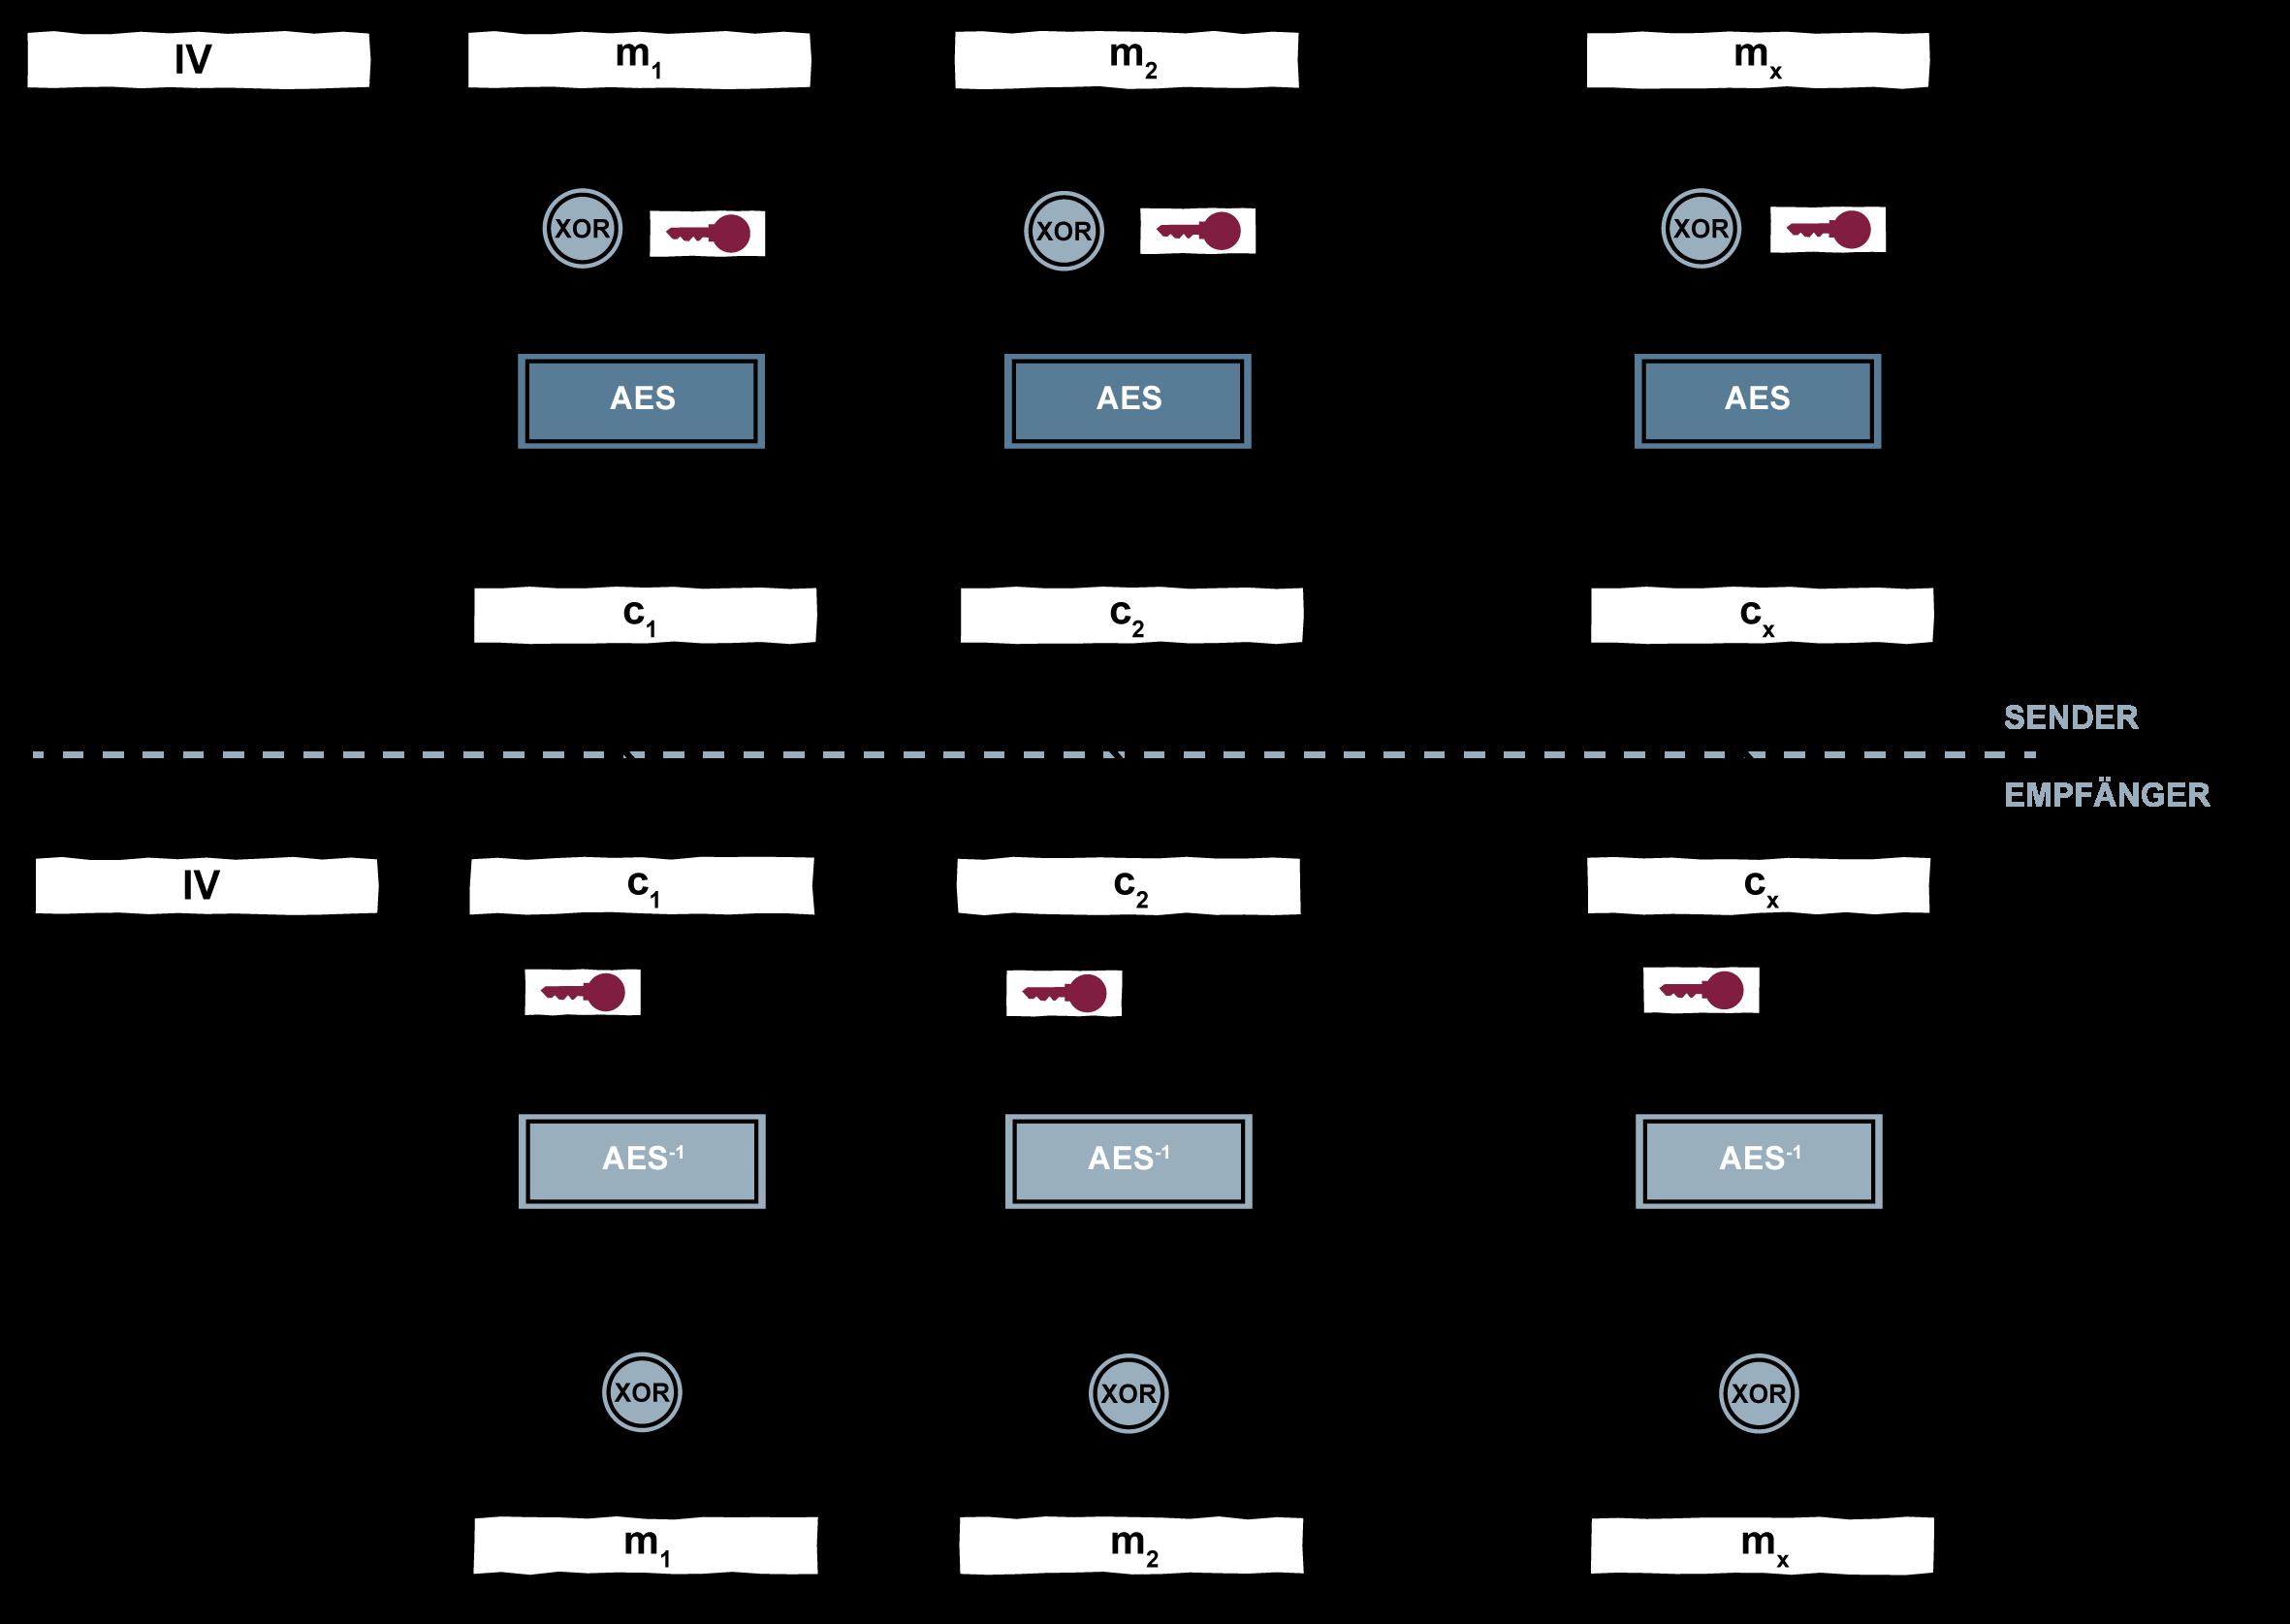 Cipher Block Chaining Mode - Glossar Cyber-Sicherheit - Prof. Norbert Pohlmann